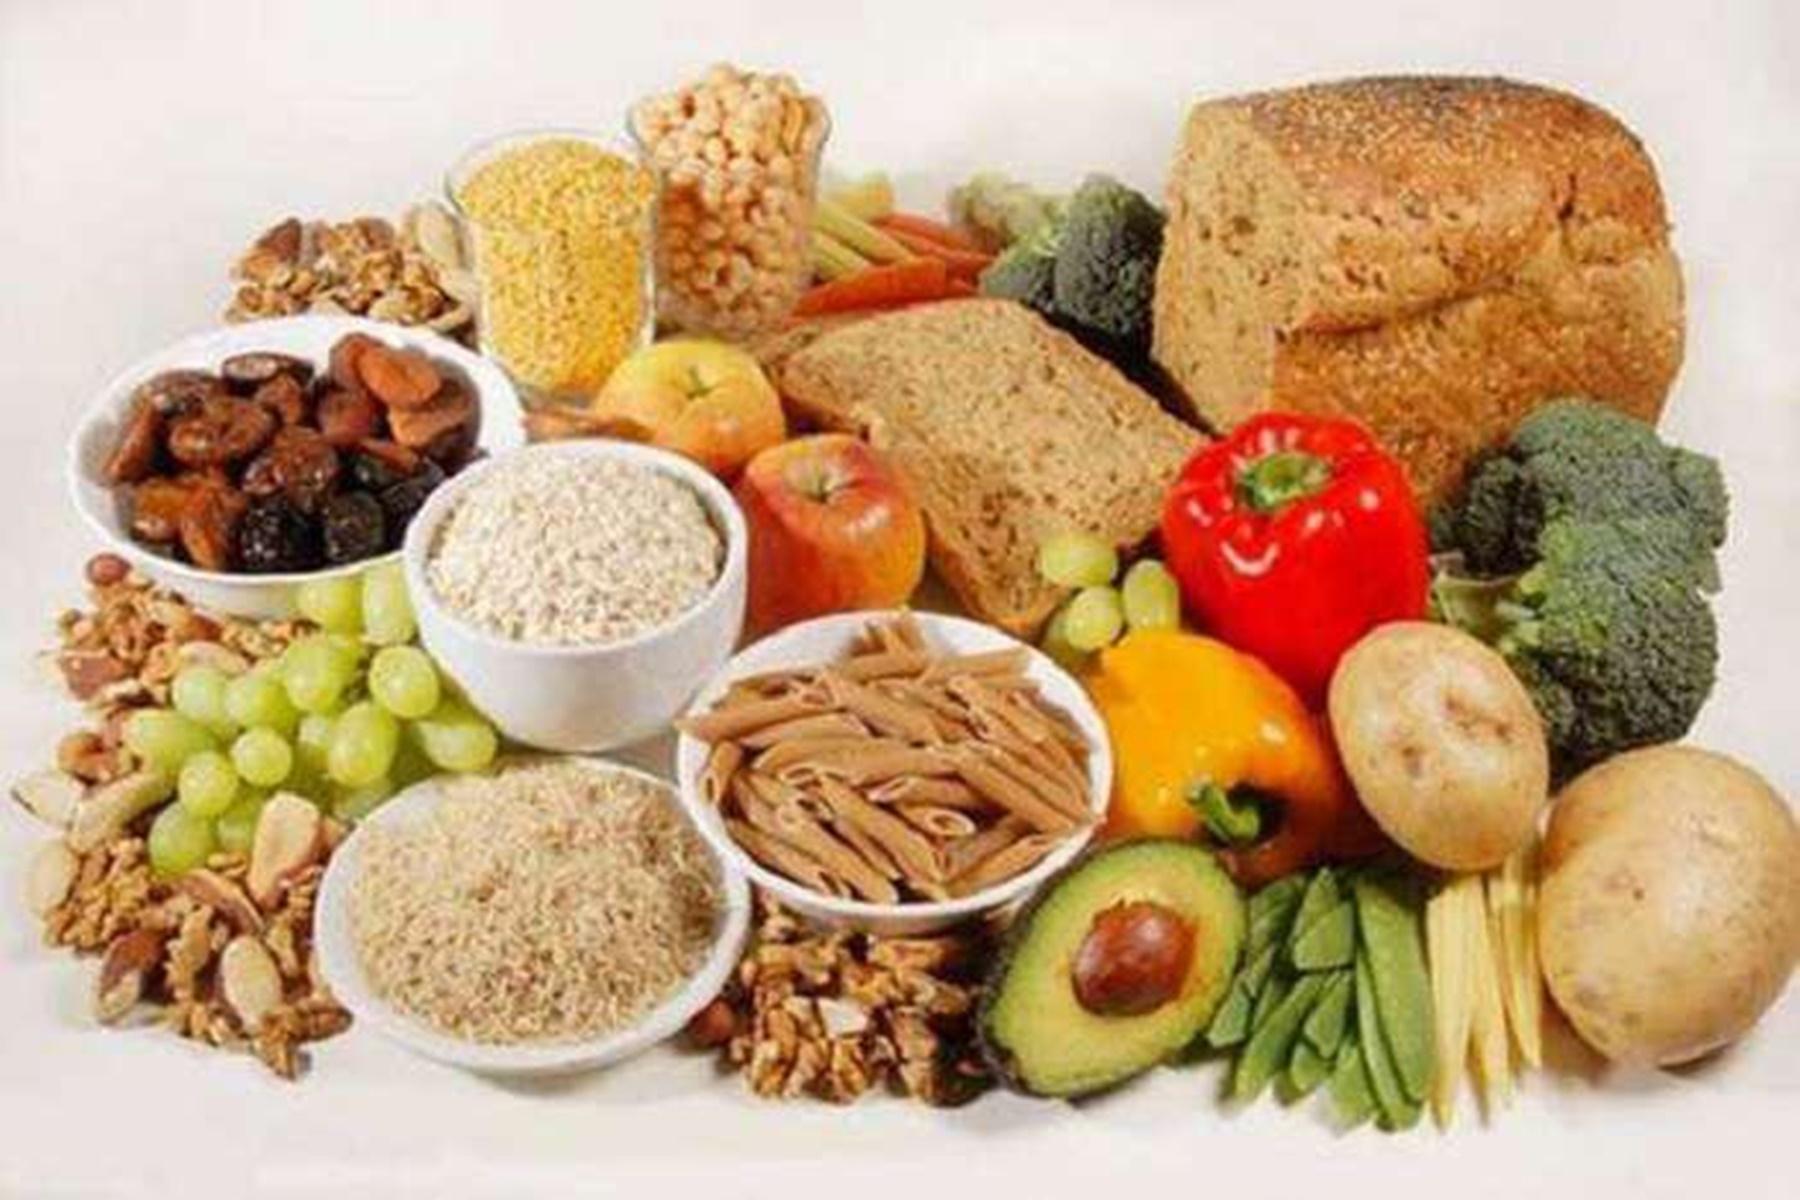 Διατροφή : 3 Υγιεινές τροφές που θα λατρέψεις